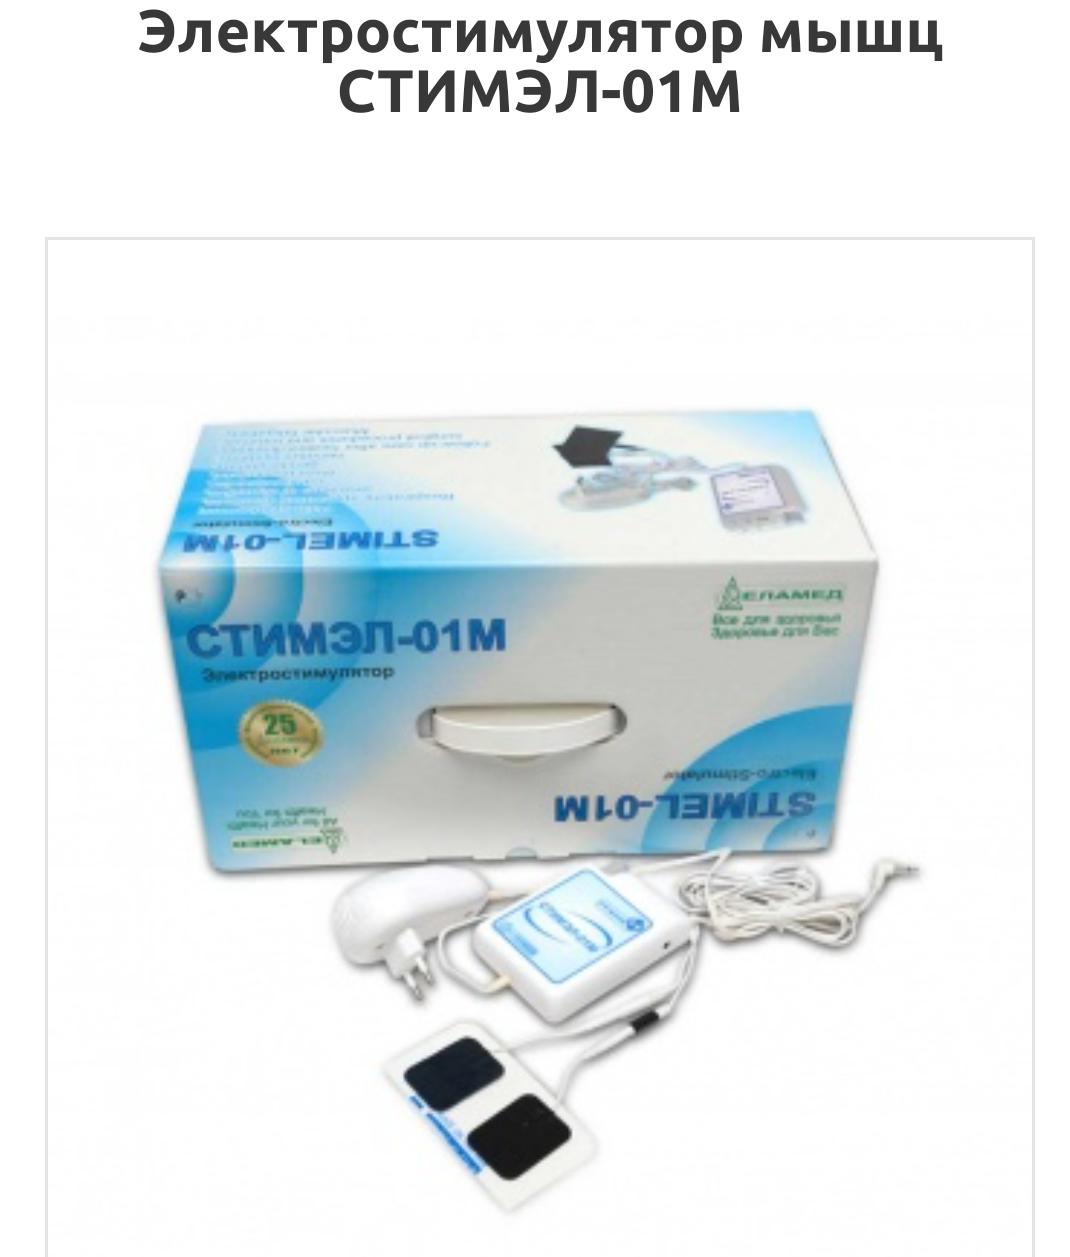 Электростимулятор Стимэл-01М нервной и мышечной системы - фото 2